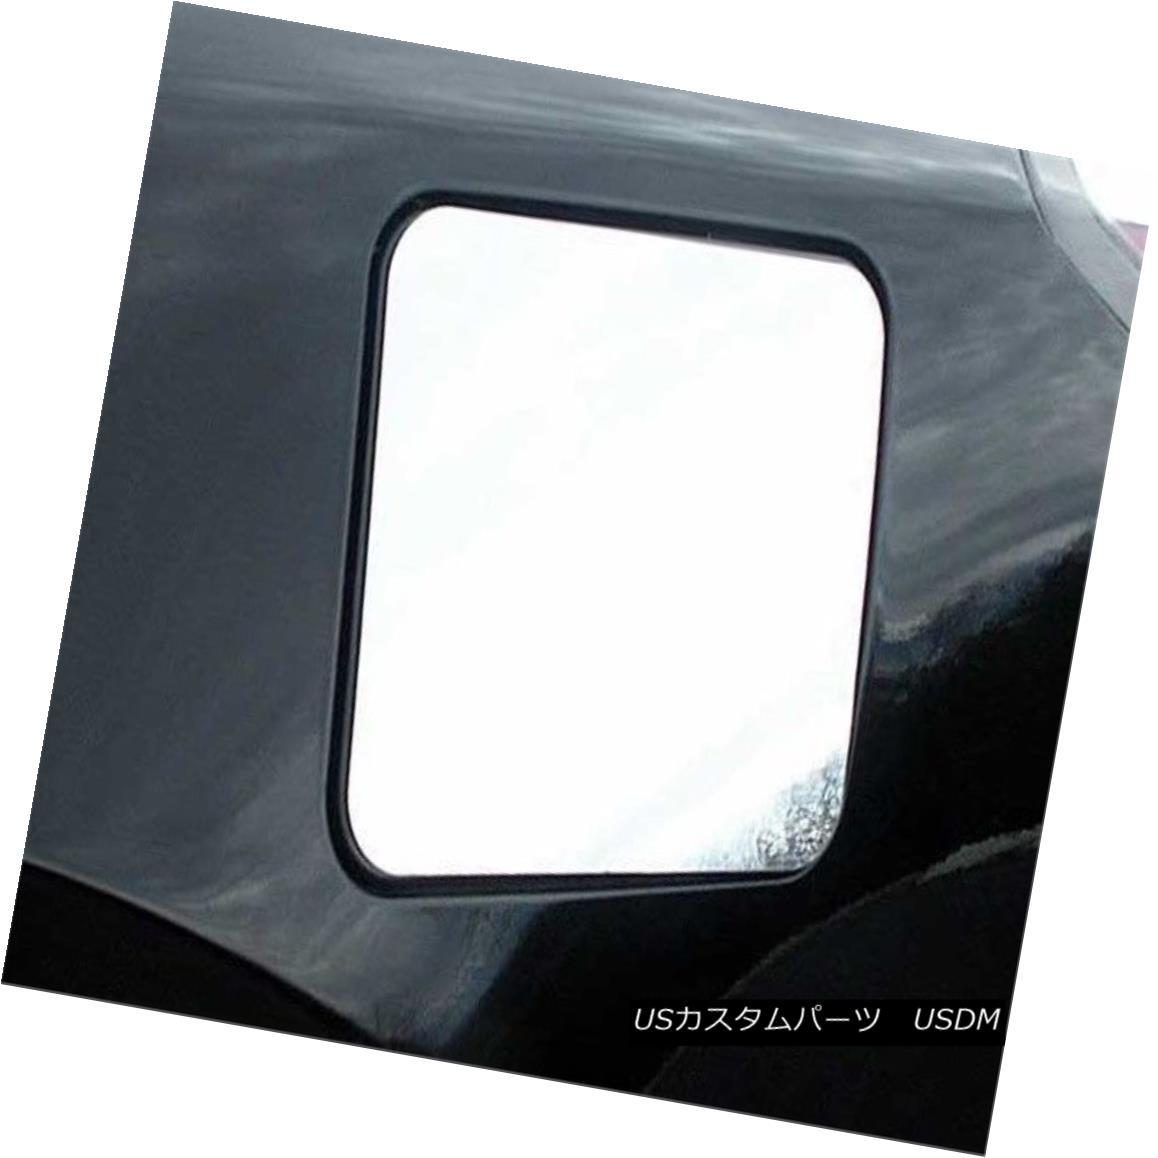 グリル Fits 2007-2012 NISSAN ALTIMA 4-door -Stainless Steel GAS CAP DOOR GC27550 フィット2007-2012日産アルティマ4ドア - ステンレススチールガスCAP DOOR GC27550